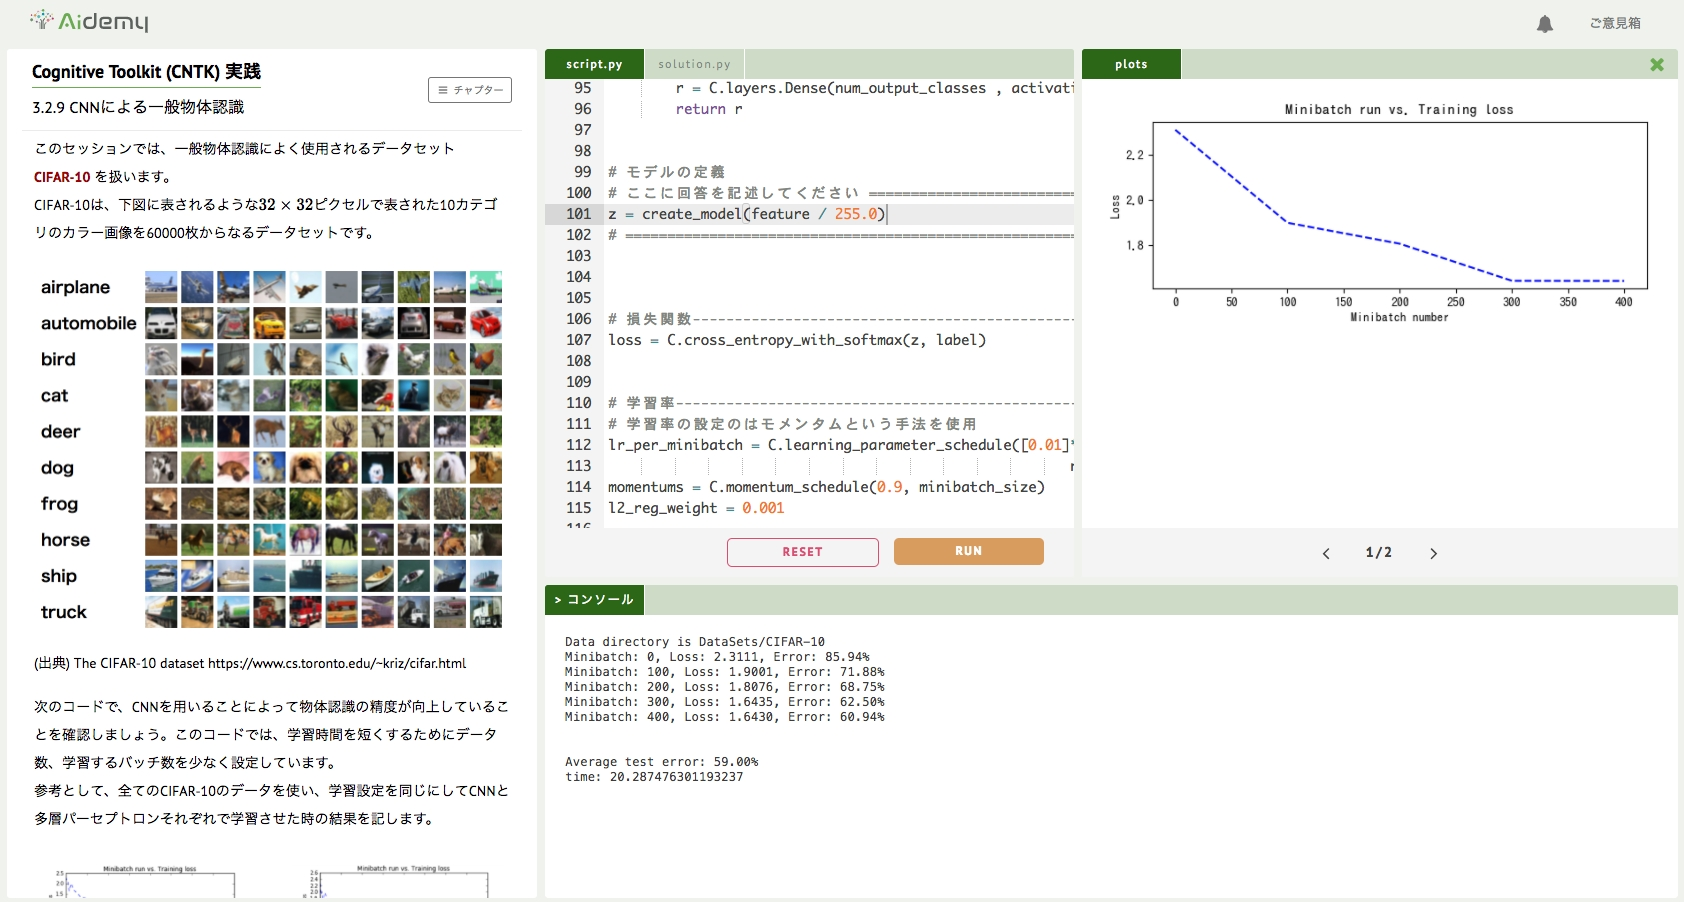 AIプログラミング学習サービスAidemy 日本マイクロソフトとのコラボレーションで「Cognitive Toolkit (CNTK)」講座を無料で新規リリース